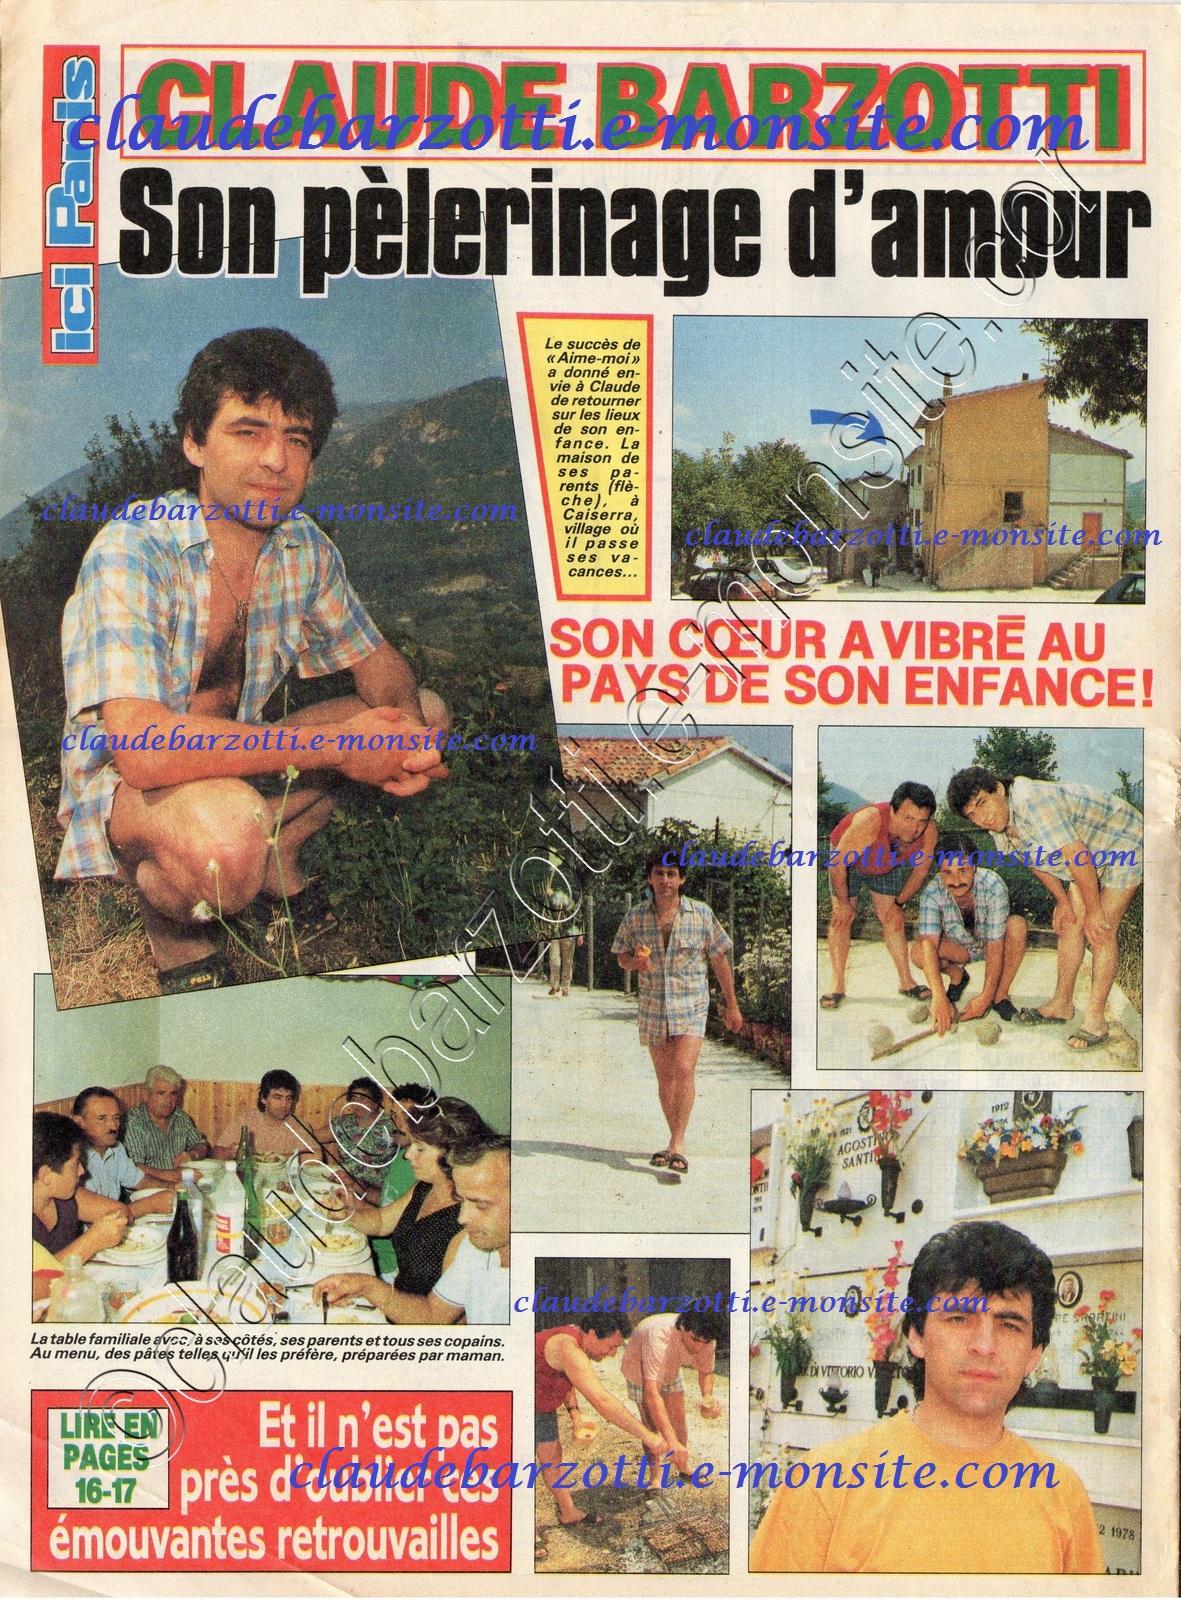 ici paris 2355 du 22 aout 1990 dernière page